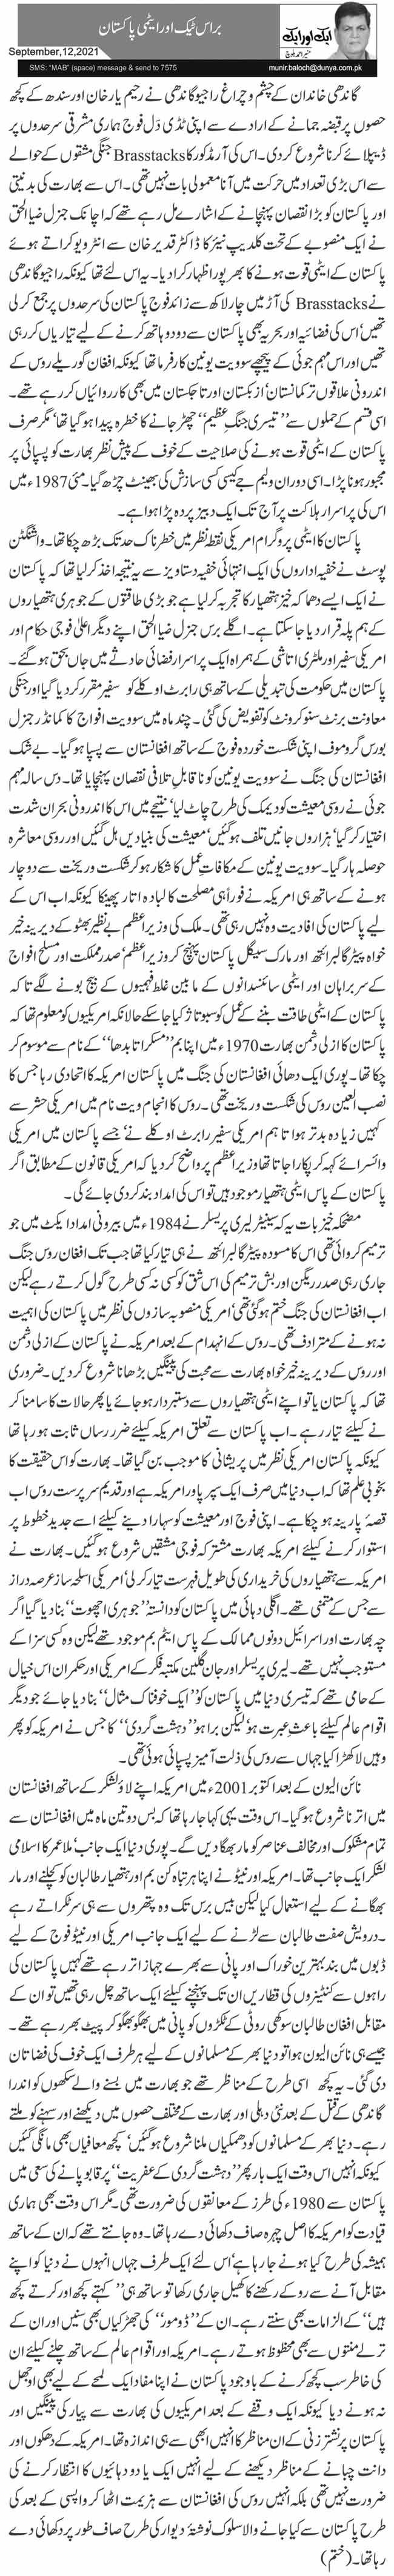 براس ٹیک اور ایٹمی پاکستان